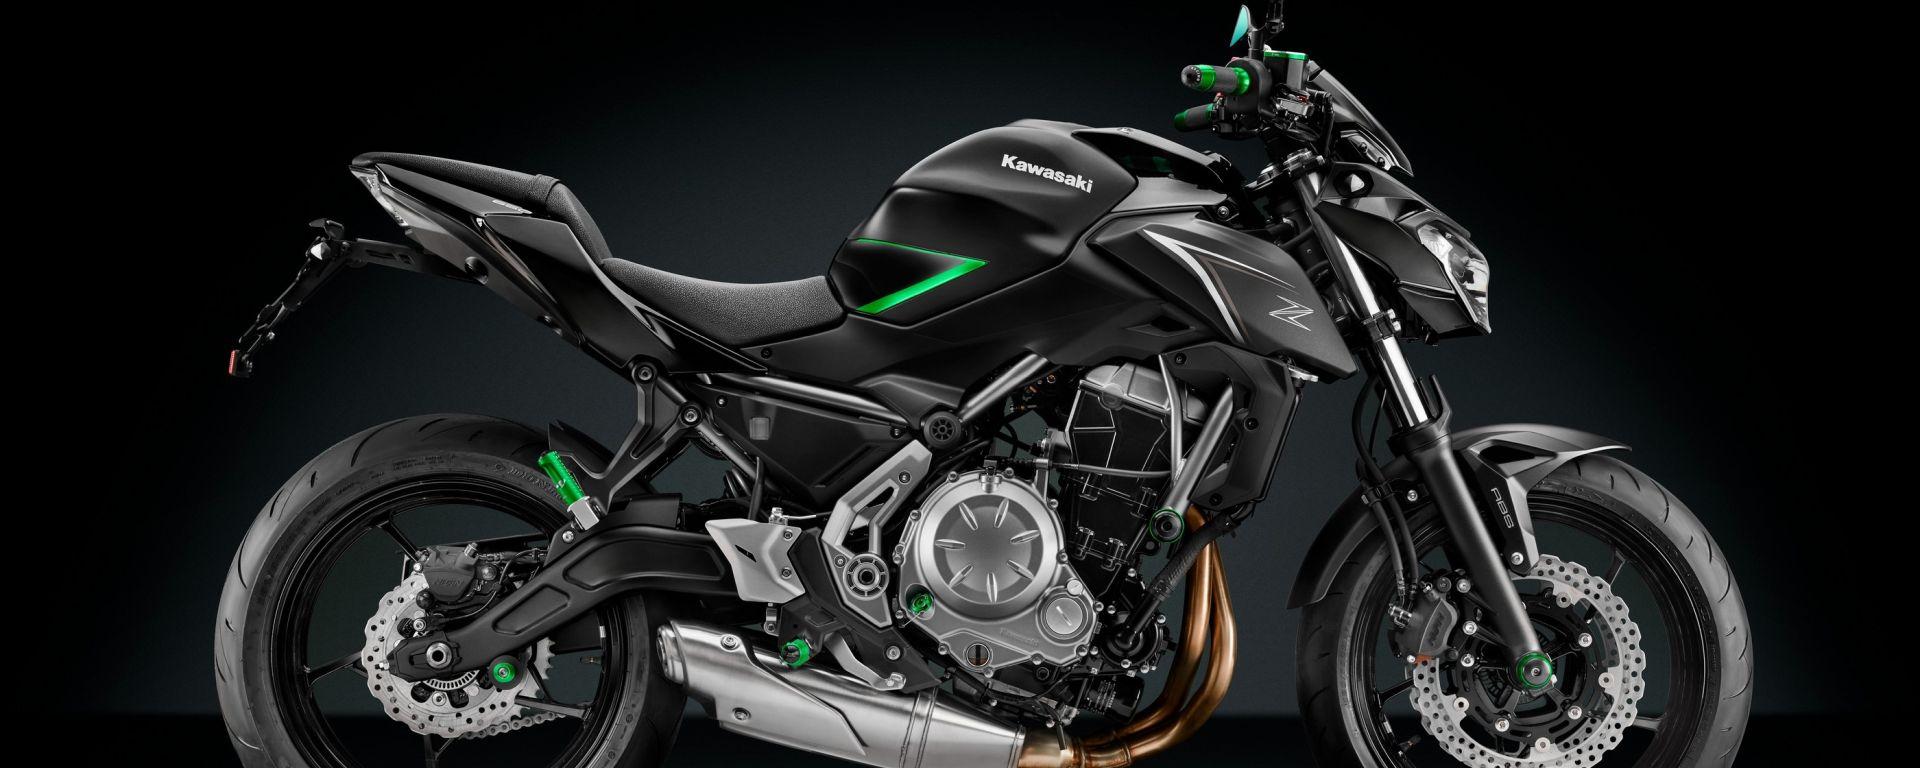 Rizoma nuova linea di accessori per Kawasaki Z650 e Z900